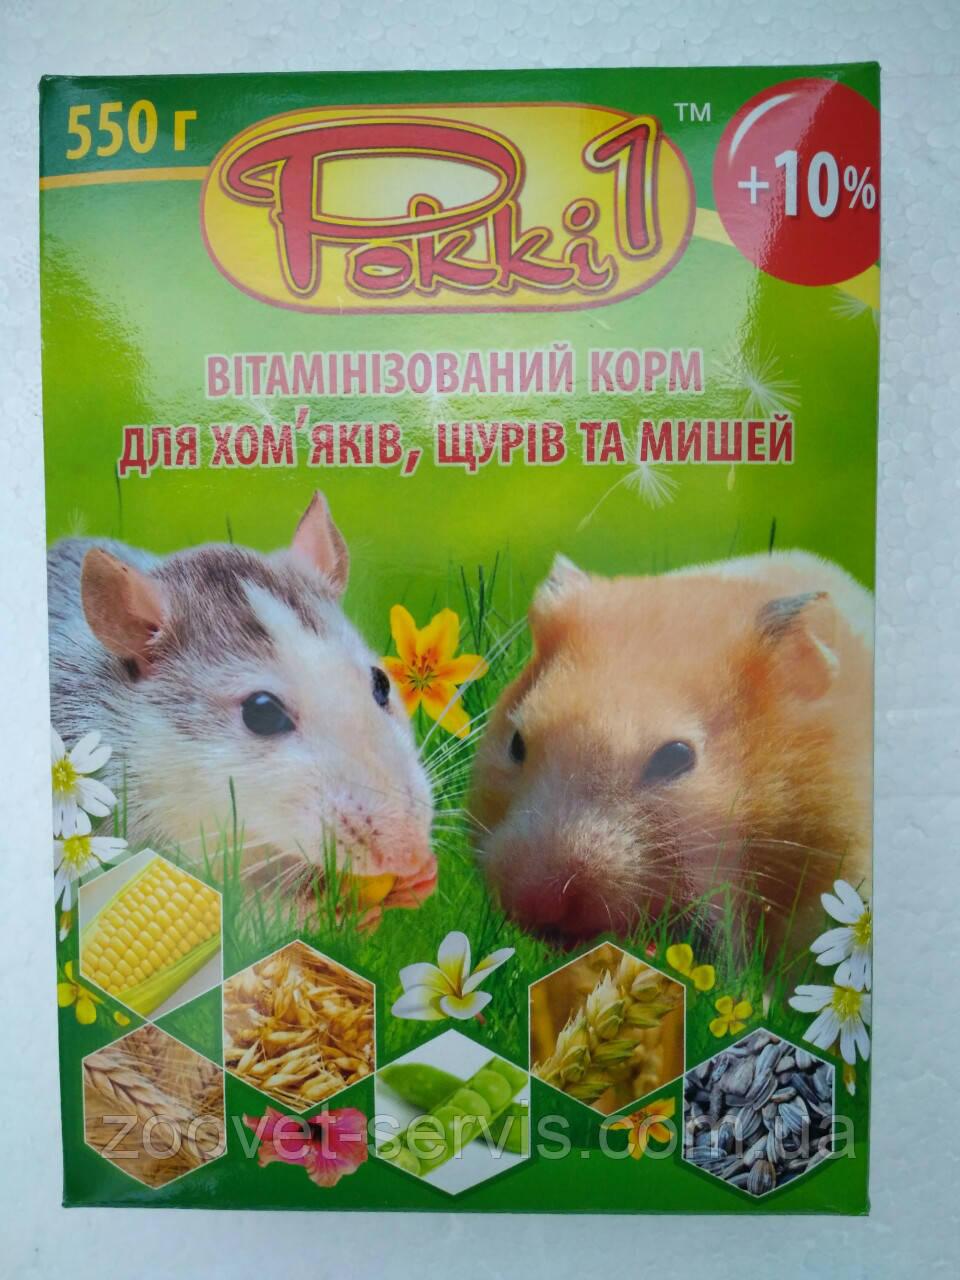 Корм для хом'яків, пацюків і мишей РОККІ 1 упаковка - 550 г